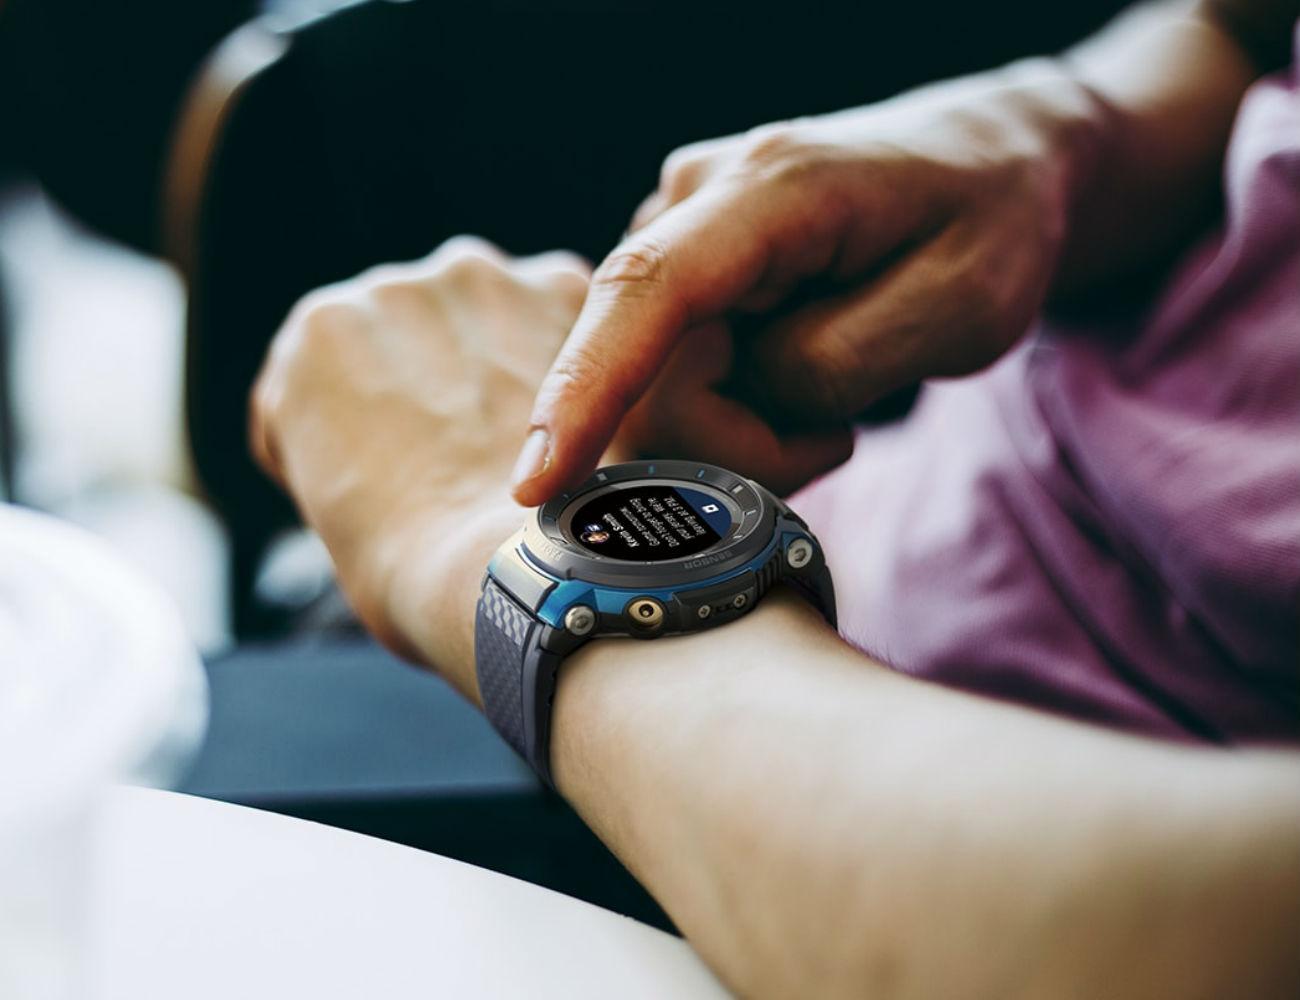 Casio PRO TREK WSD-F30 Smart Outdoor Watch